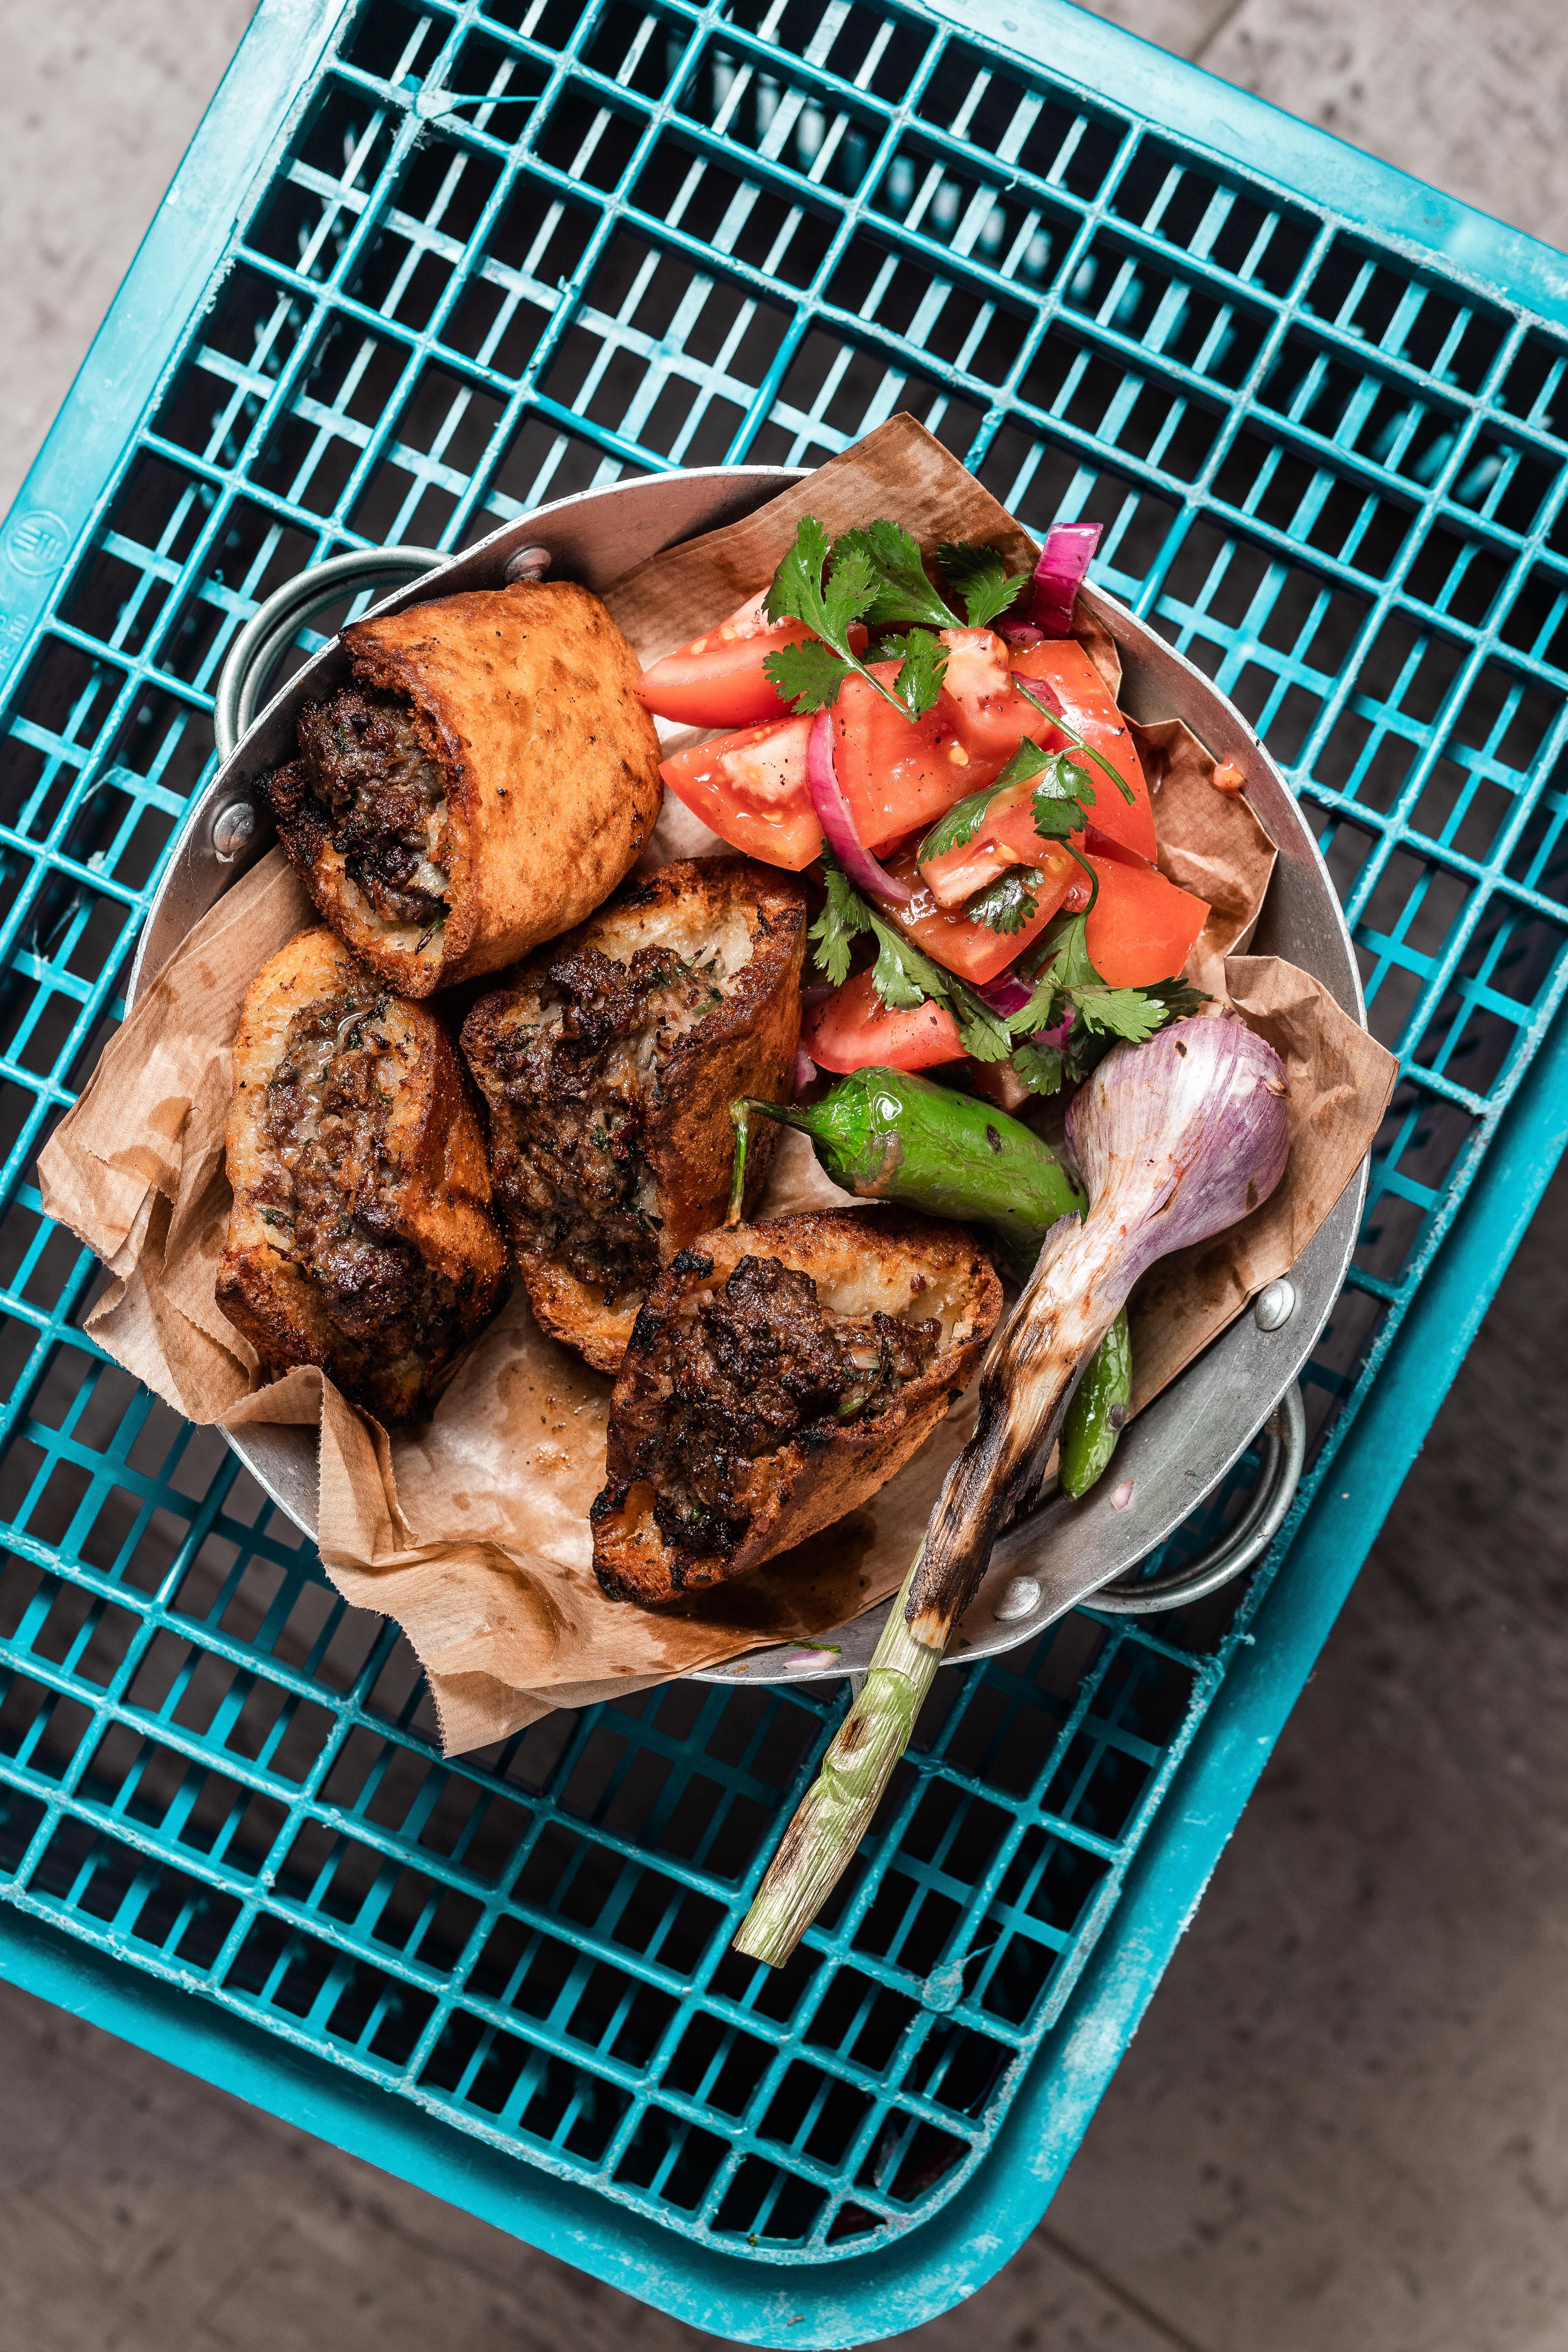 המסעדות הטובות ביותר ב אילת - פיצ'טו